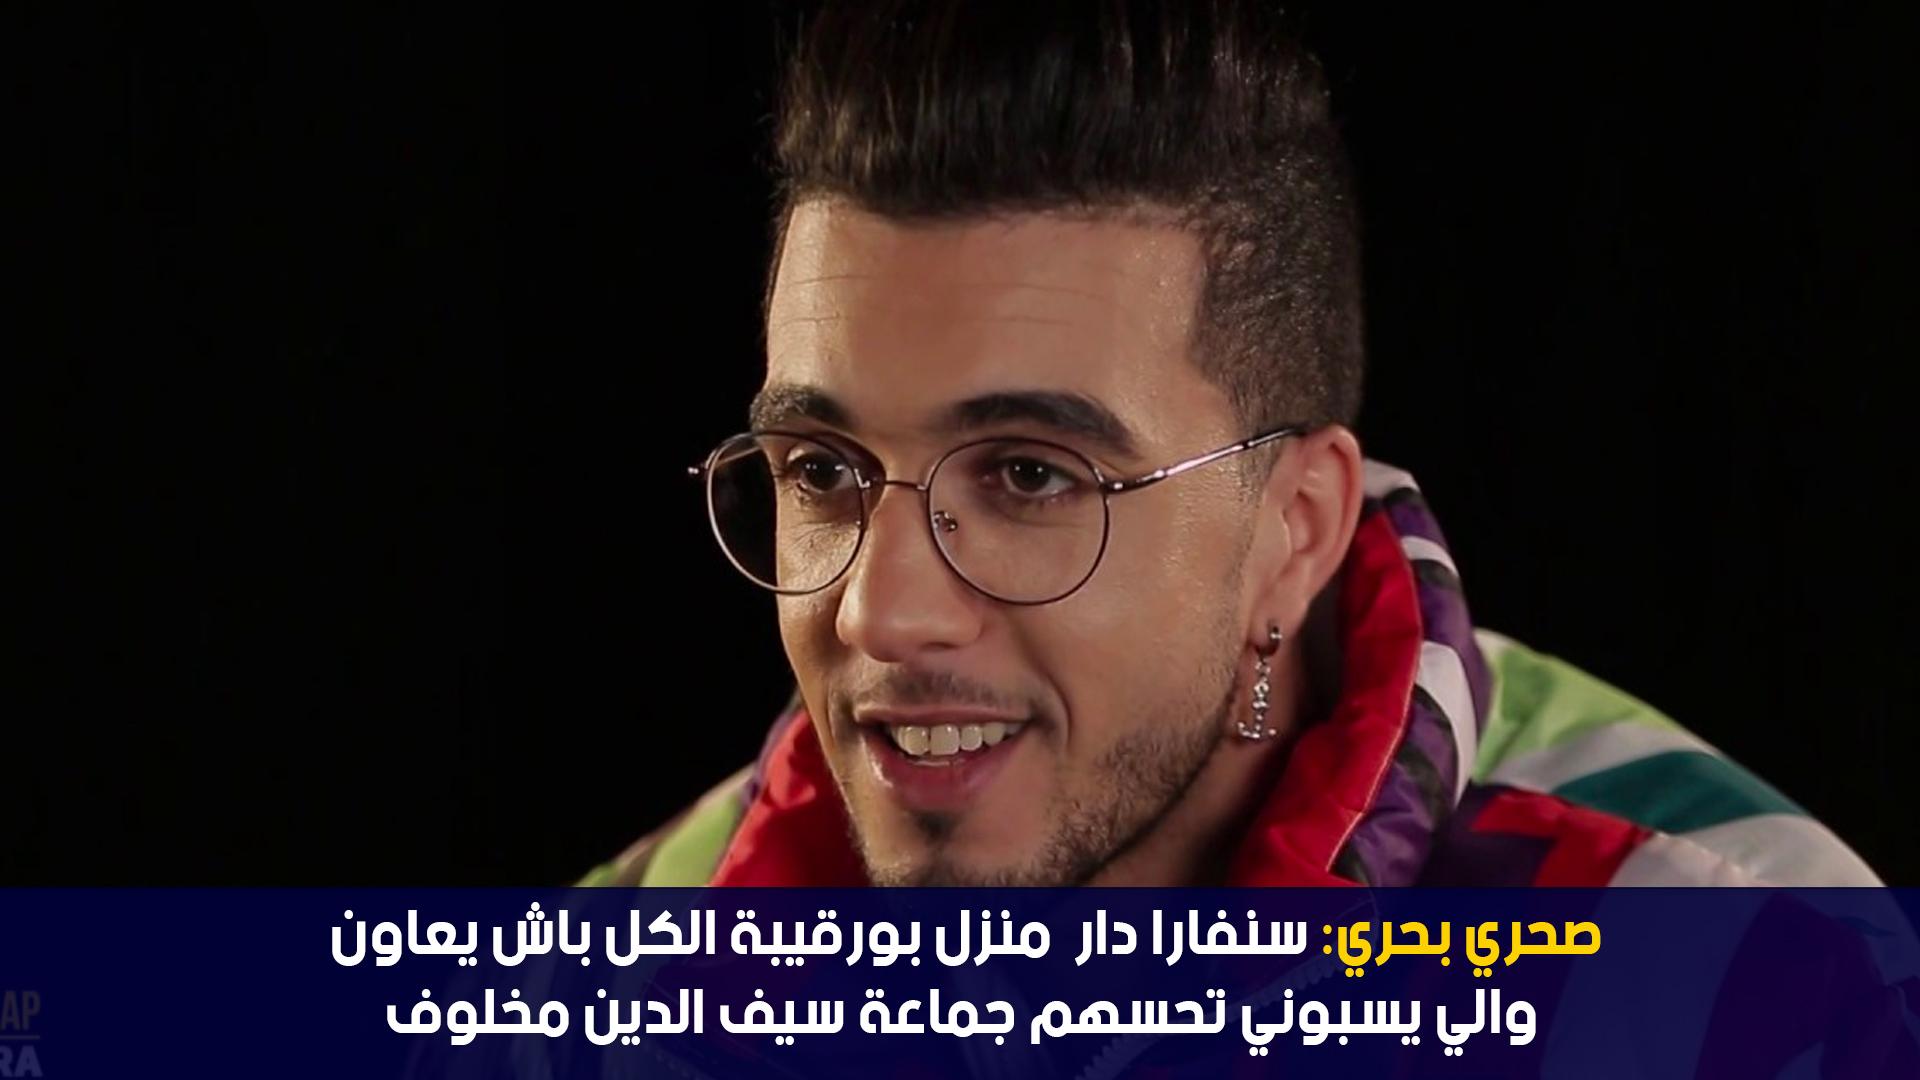 صحري بحري: سنفارا دار منزل بورقيبة الكل باش يعاون والي يسبوني تحسهم جماعة سيف الدين مخلوف